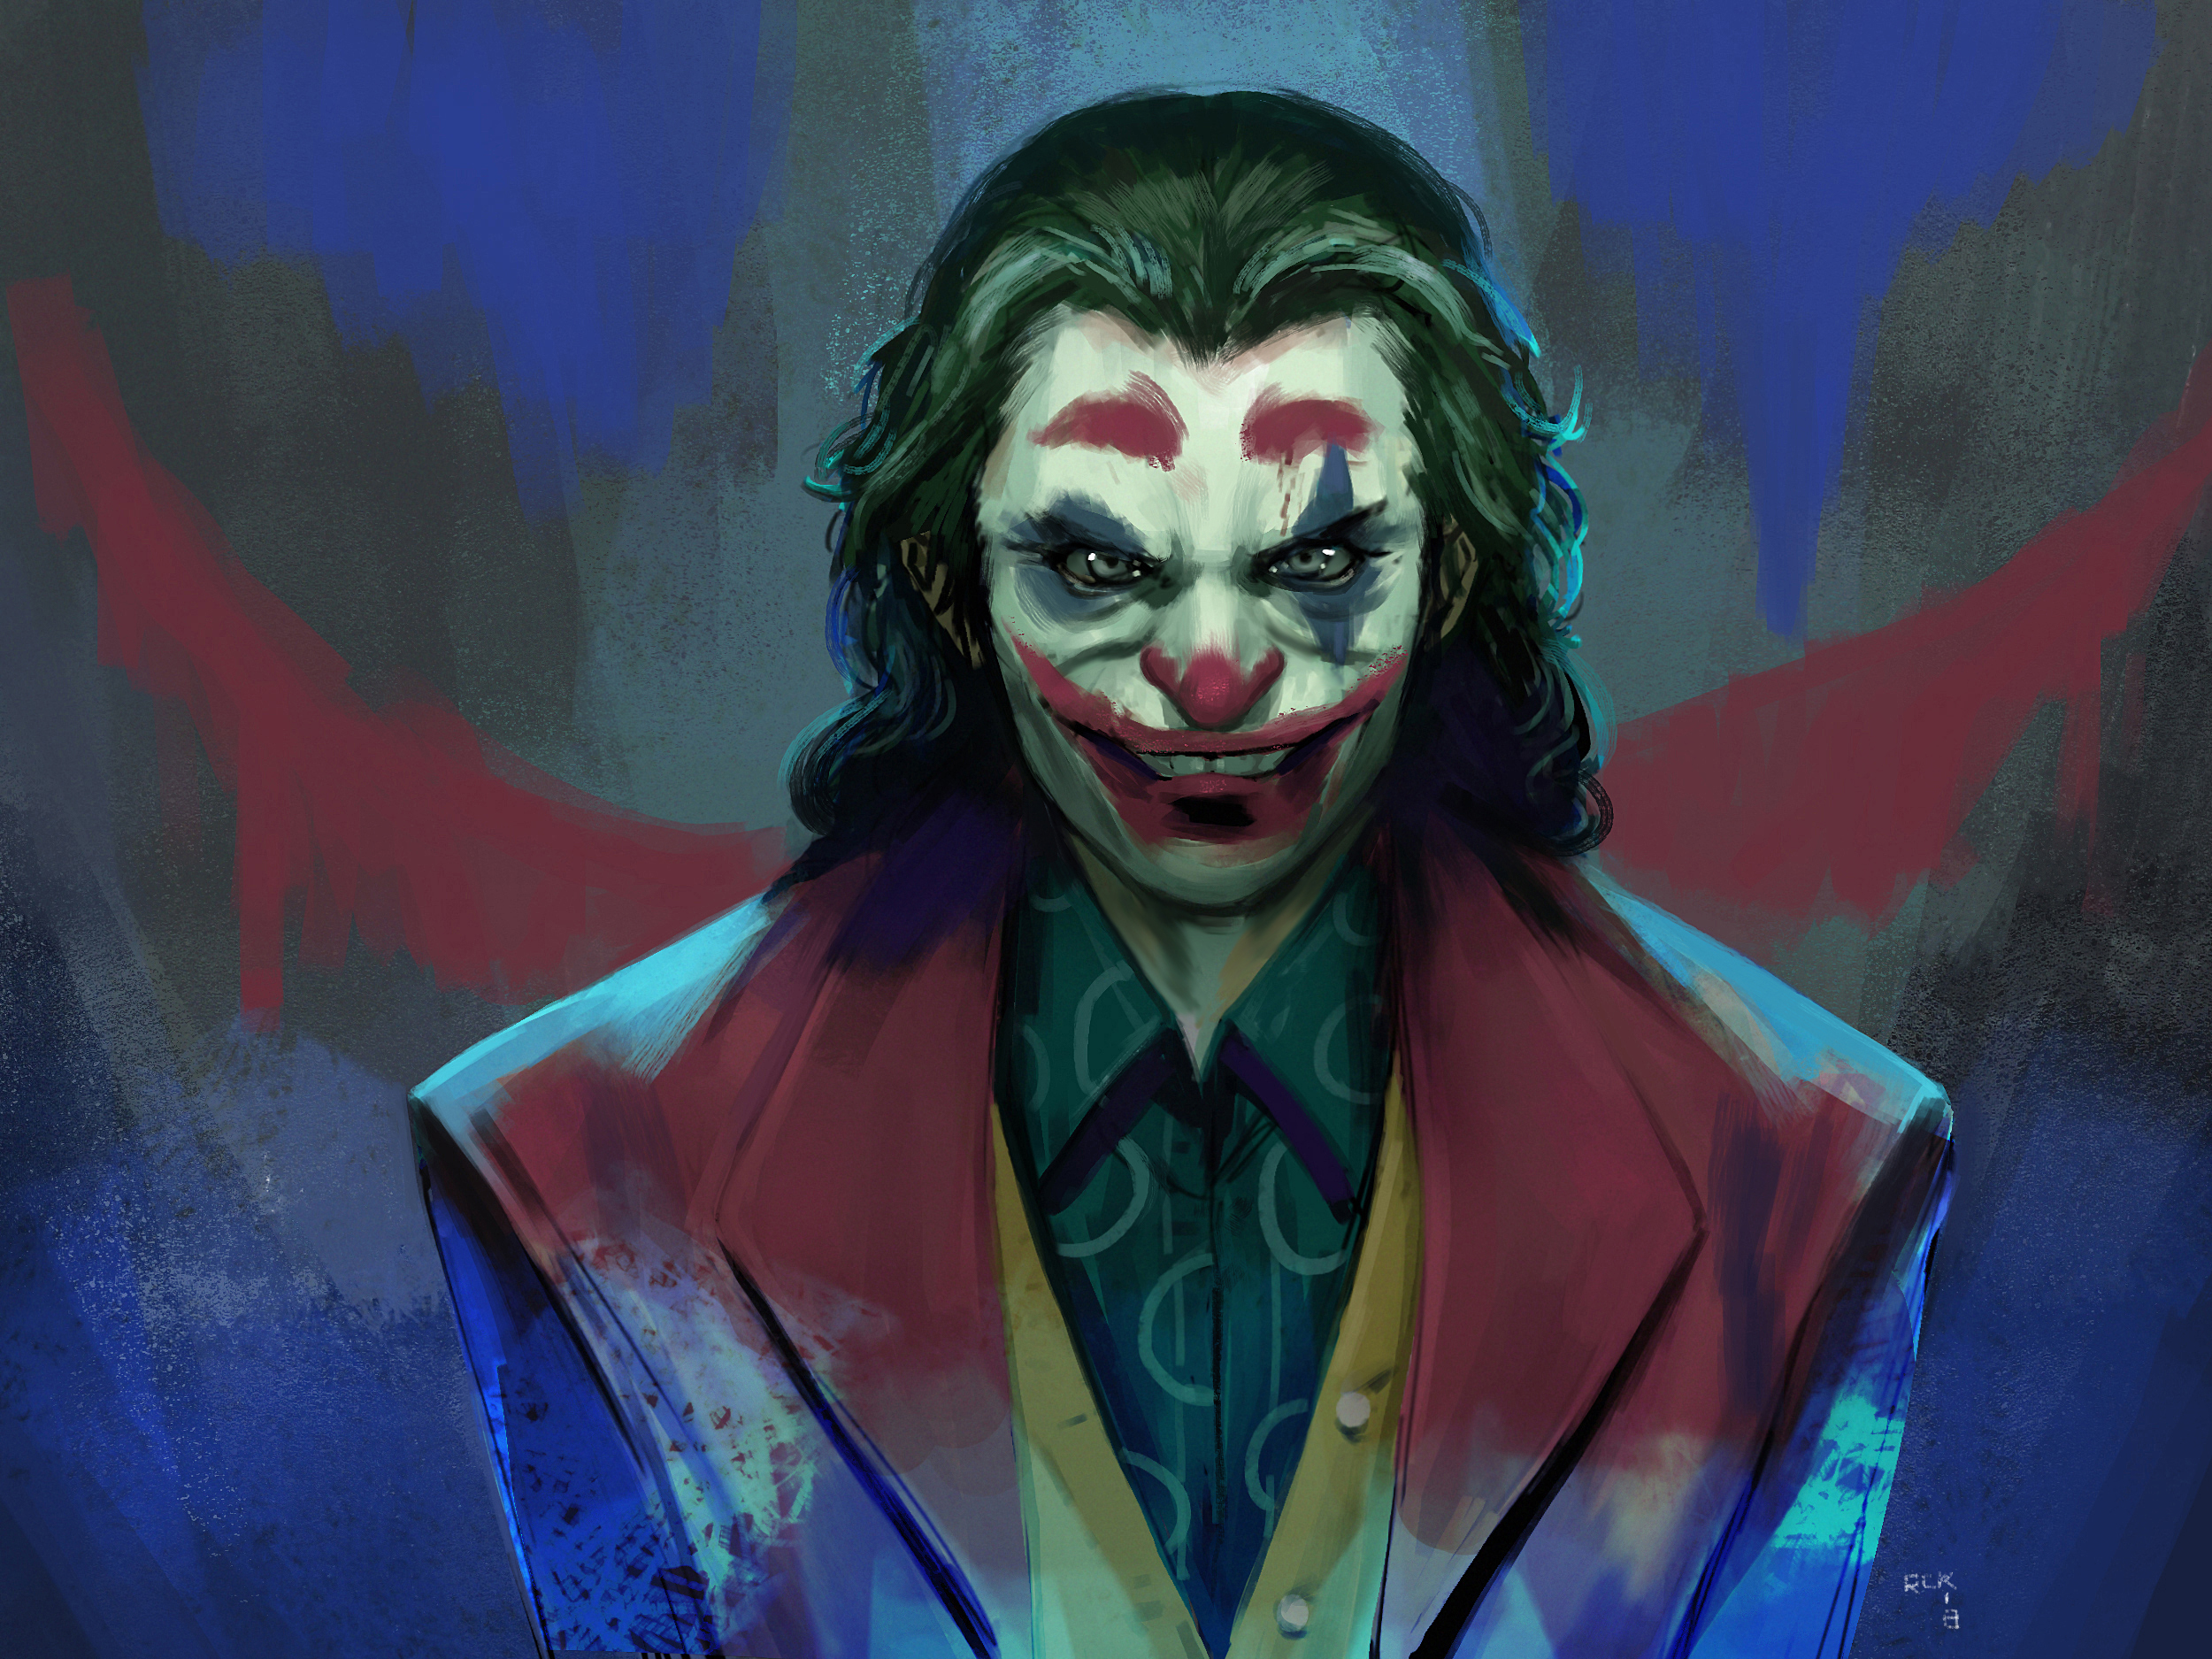 Joaquin Phoenix Joker Hd Superheroes 4k Wallpapers Images